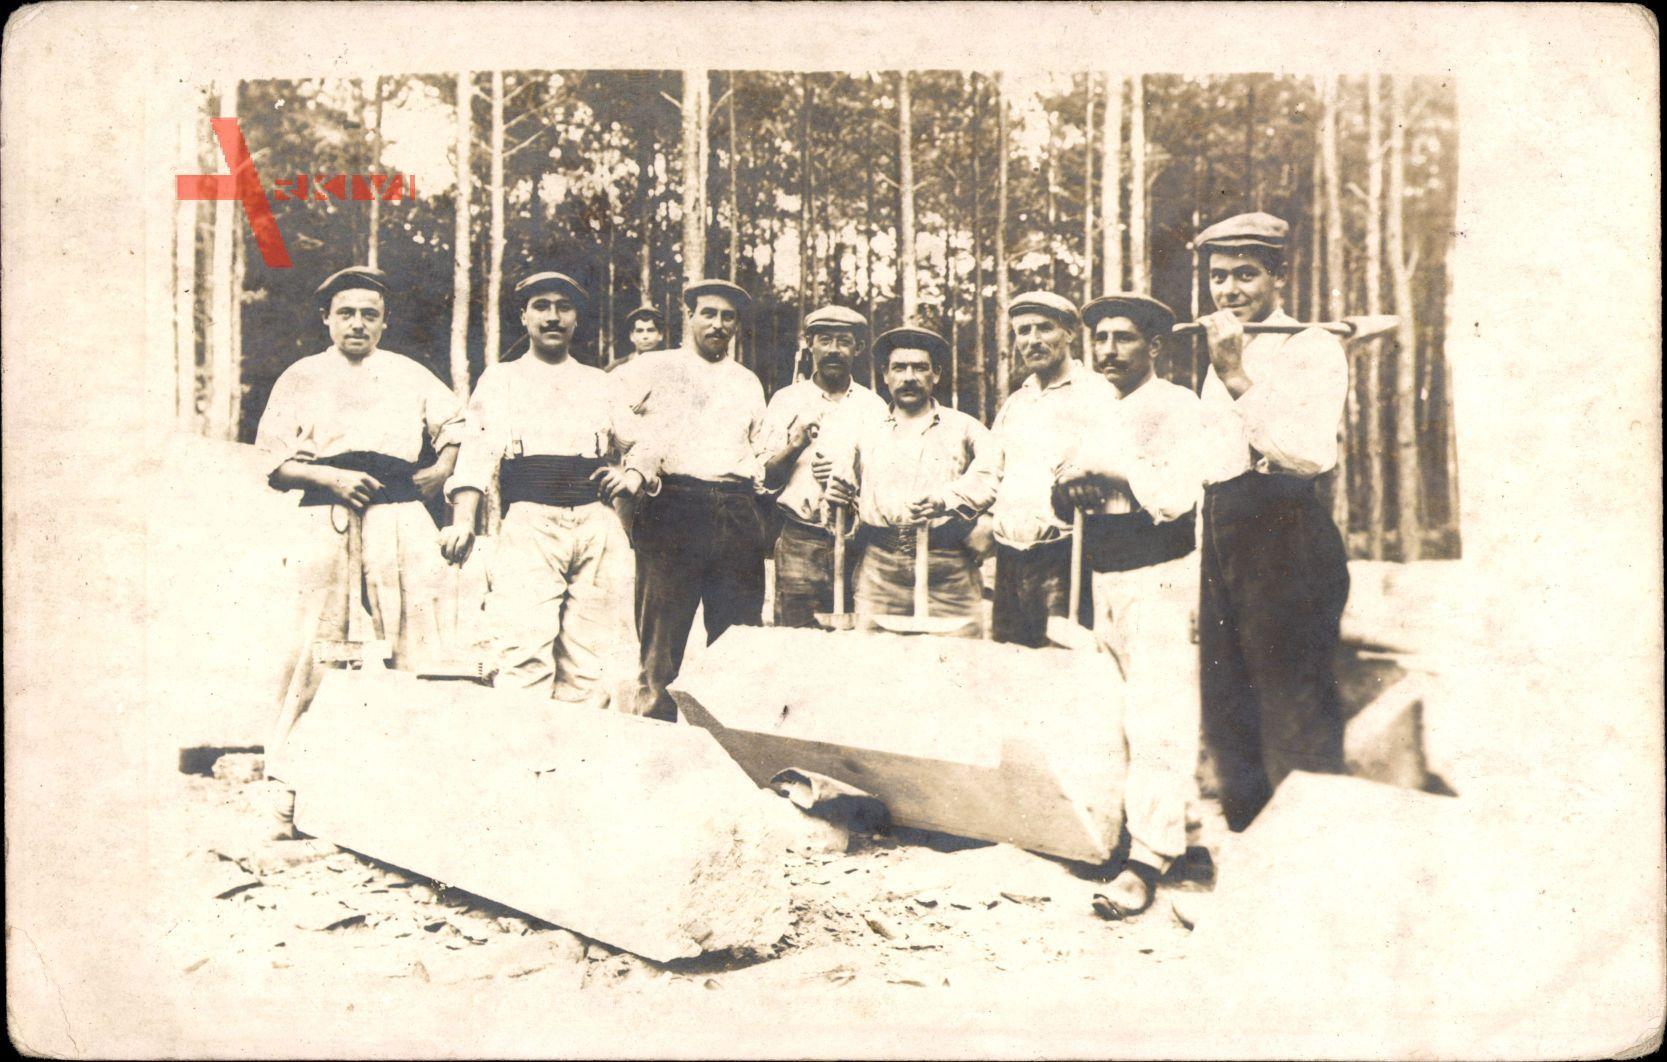 Franzosen bei der Arbeit auf einem Steinbruch